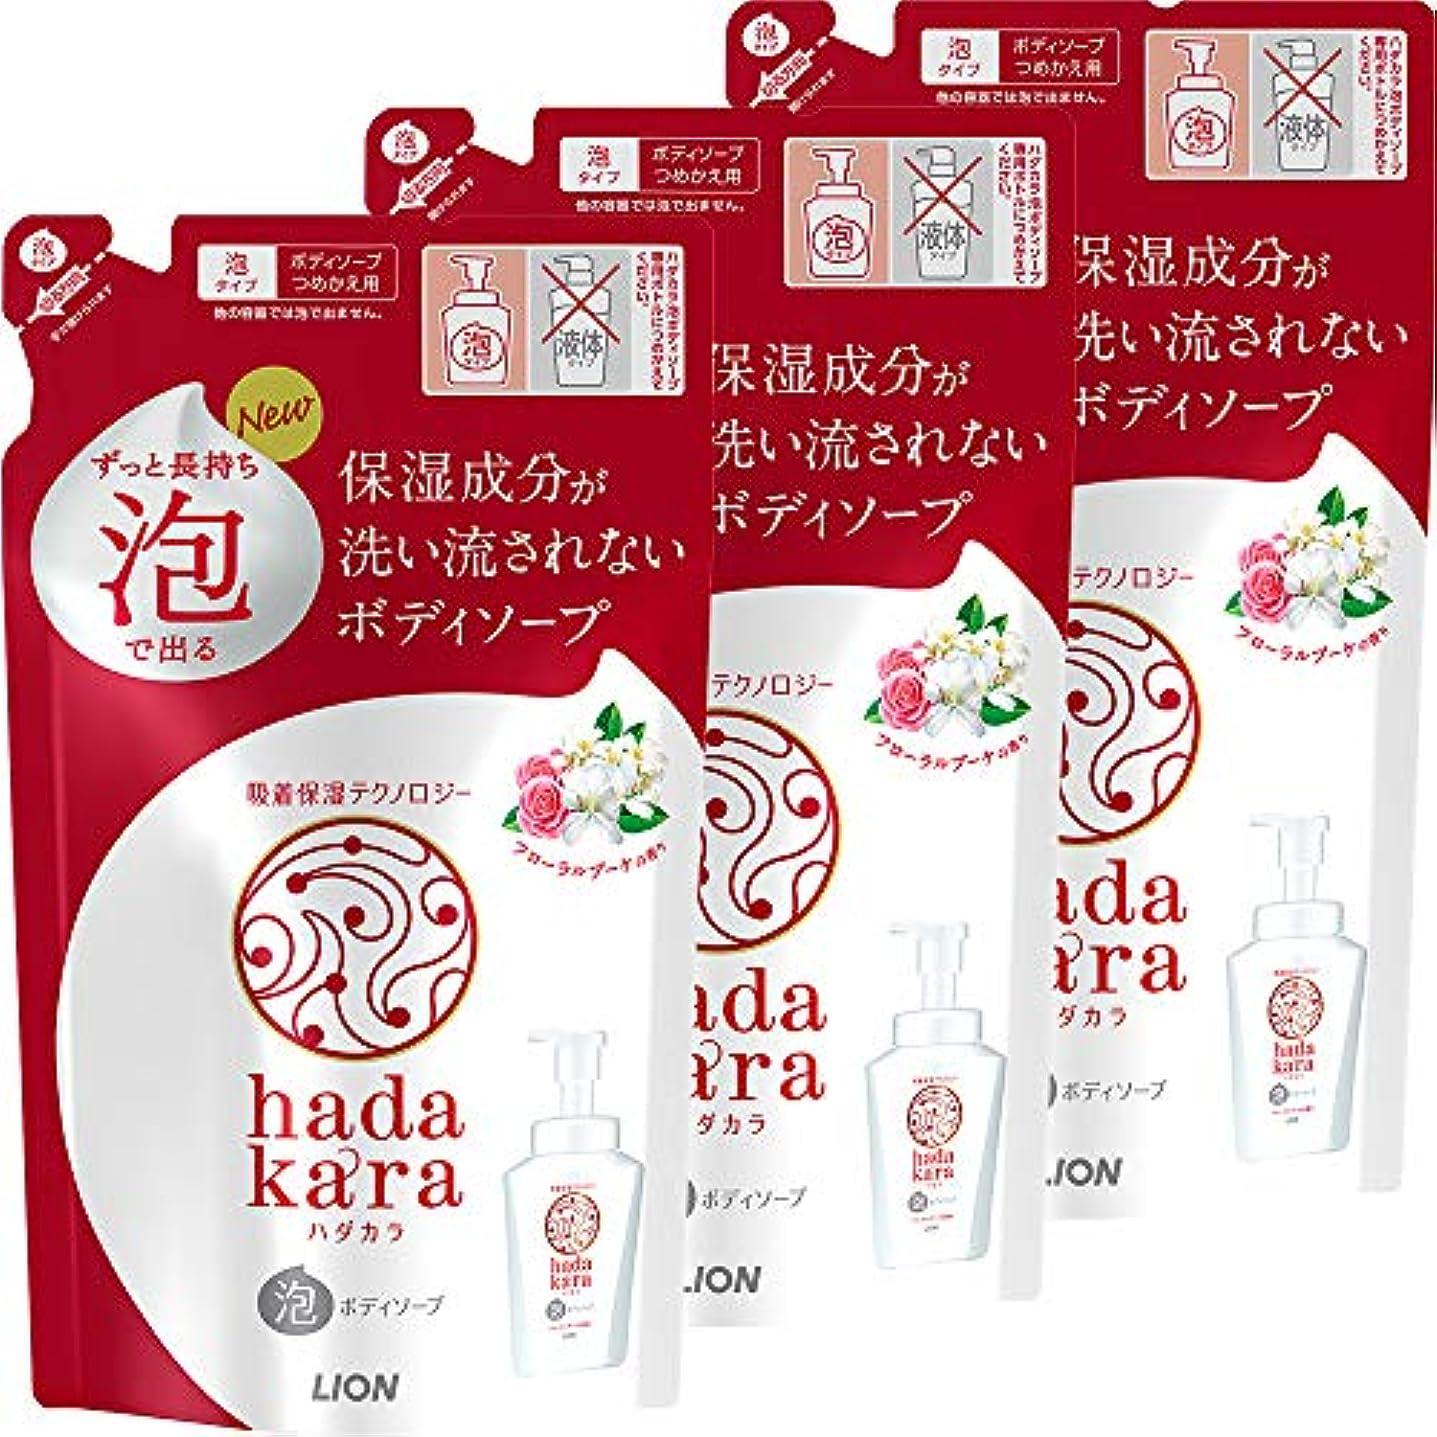 変える伝導膨らませるhadakara(ハダカラ) ボディソープ 泡タイプ フローラルブーケの香り 詰替440ml×3個